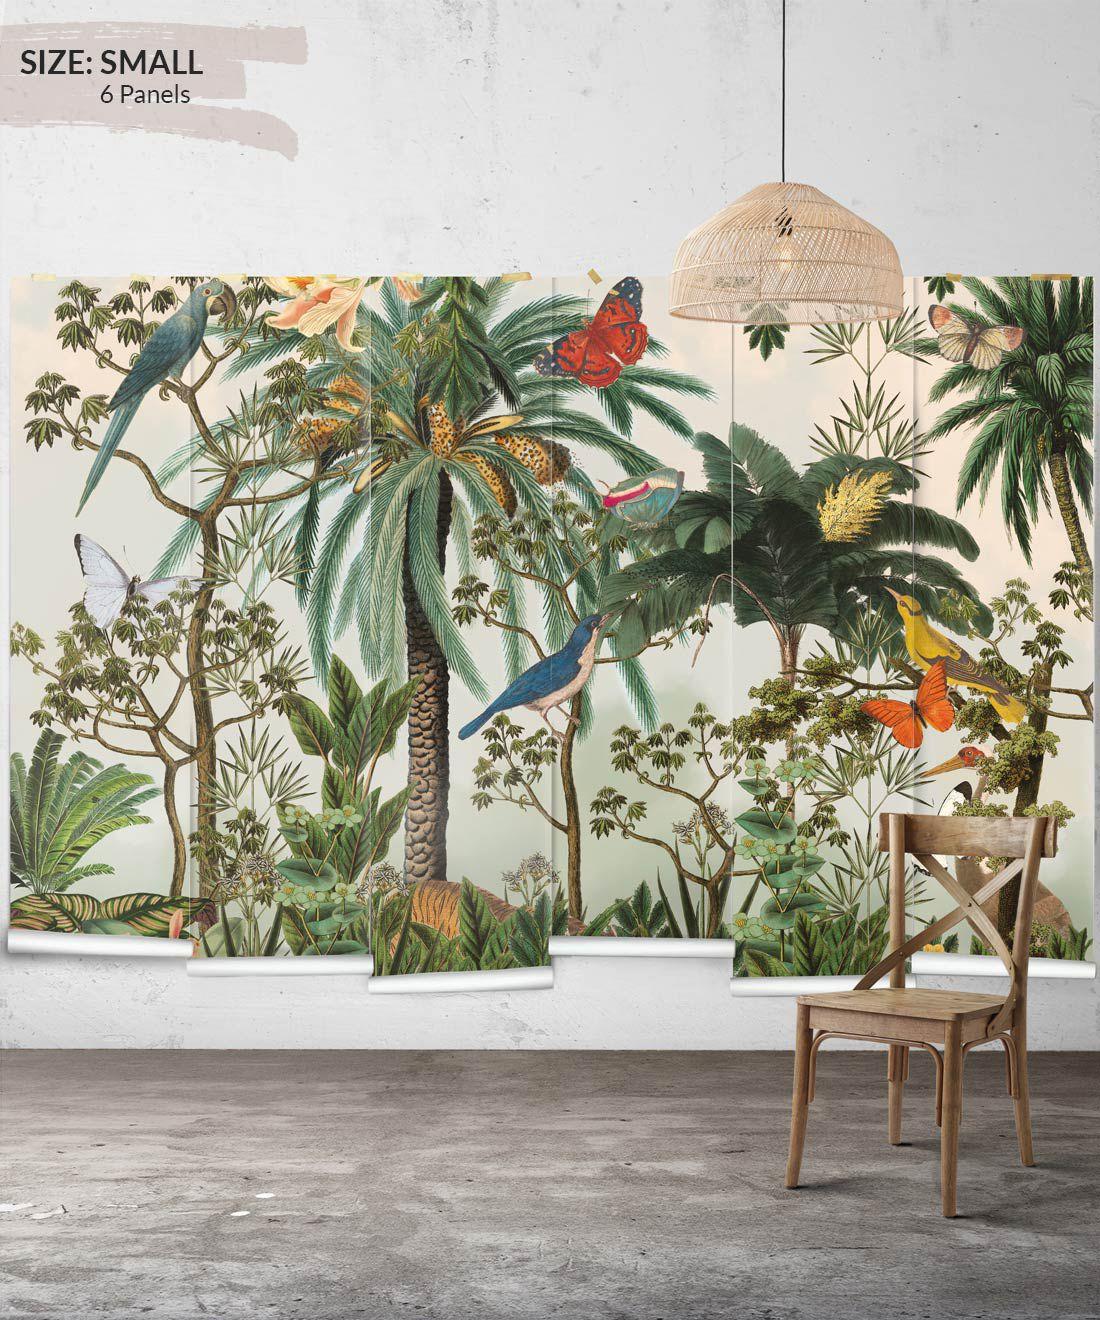 Heritage Jungle Mural • Tropical Jungle Animal Wallpaper • Small Insitu